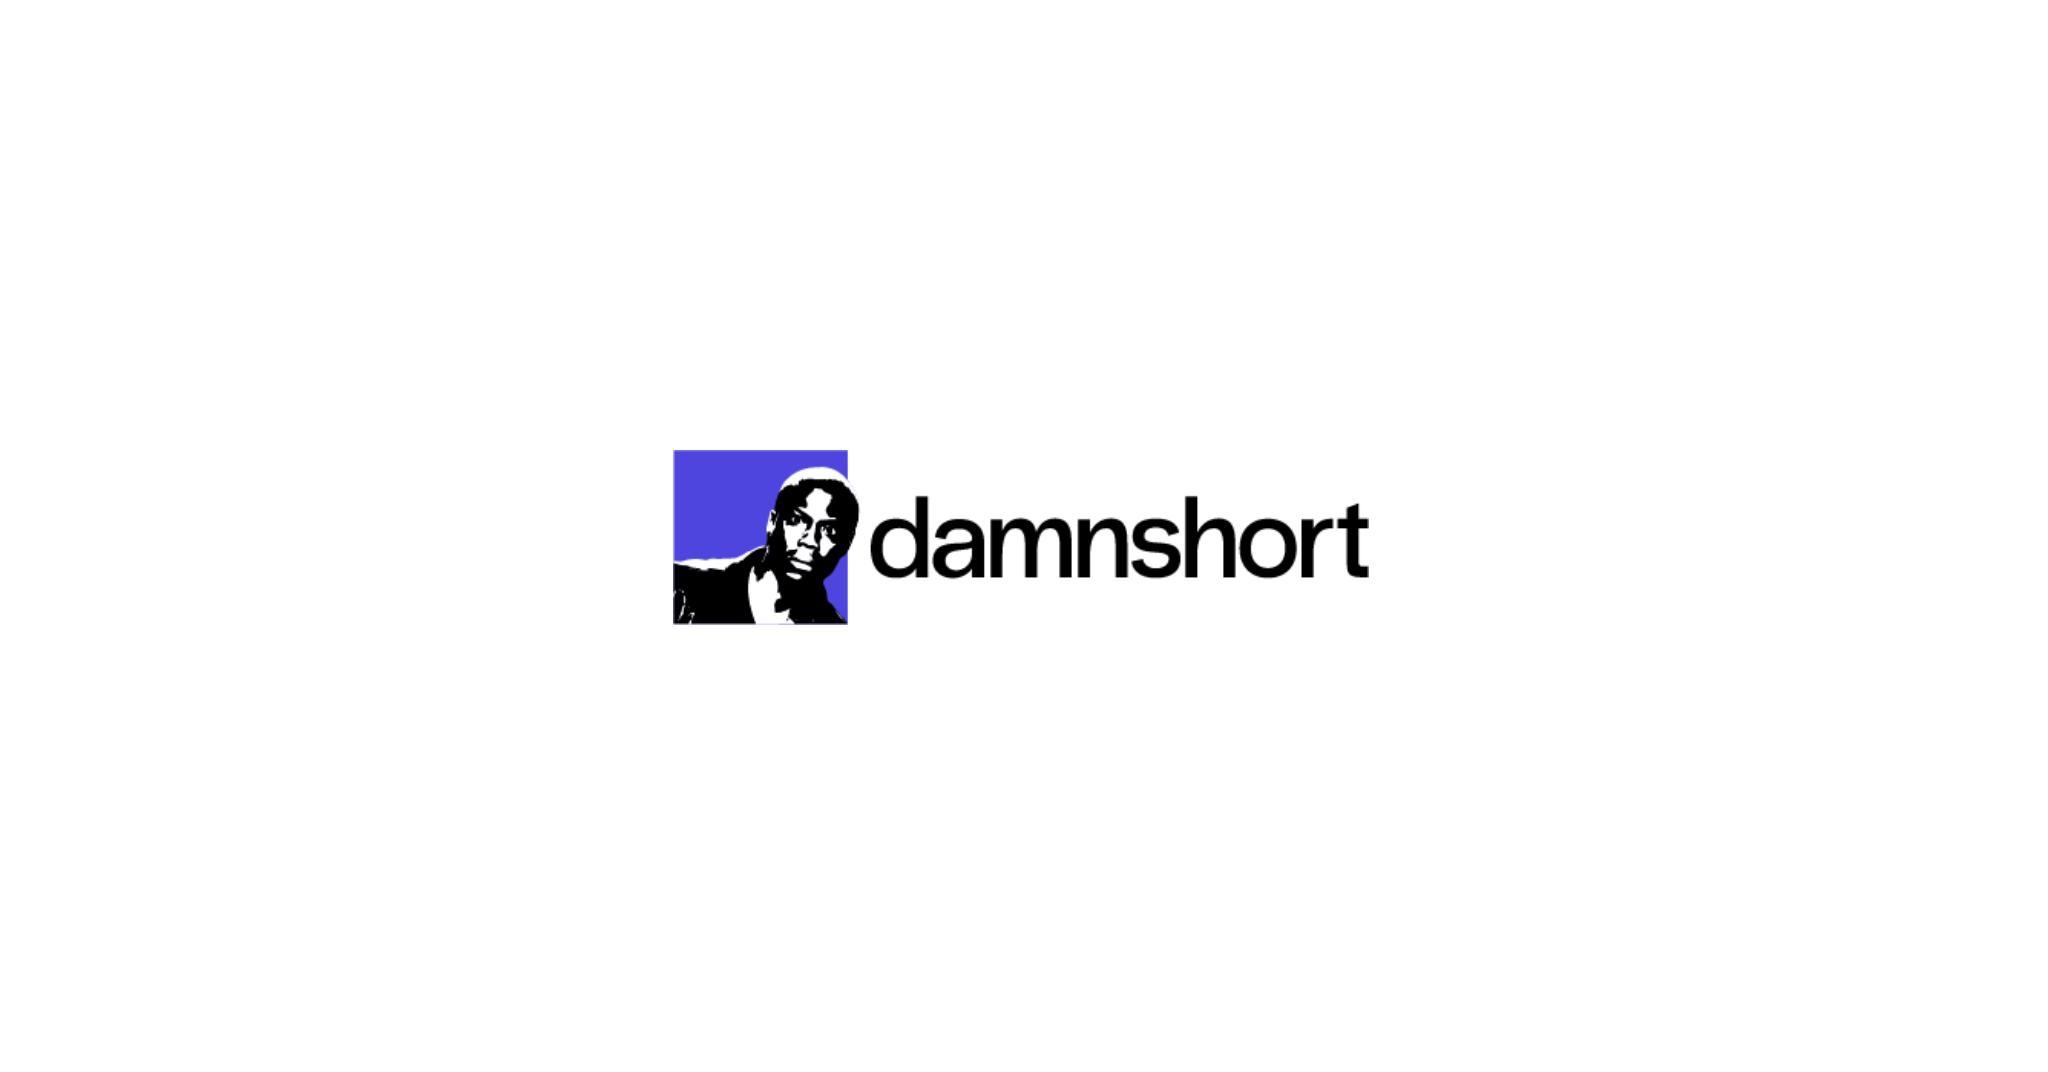 Damnshort